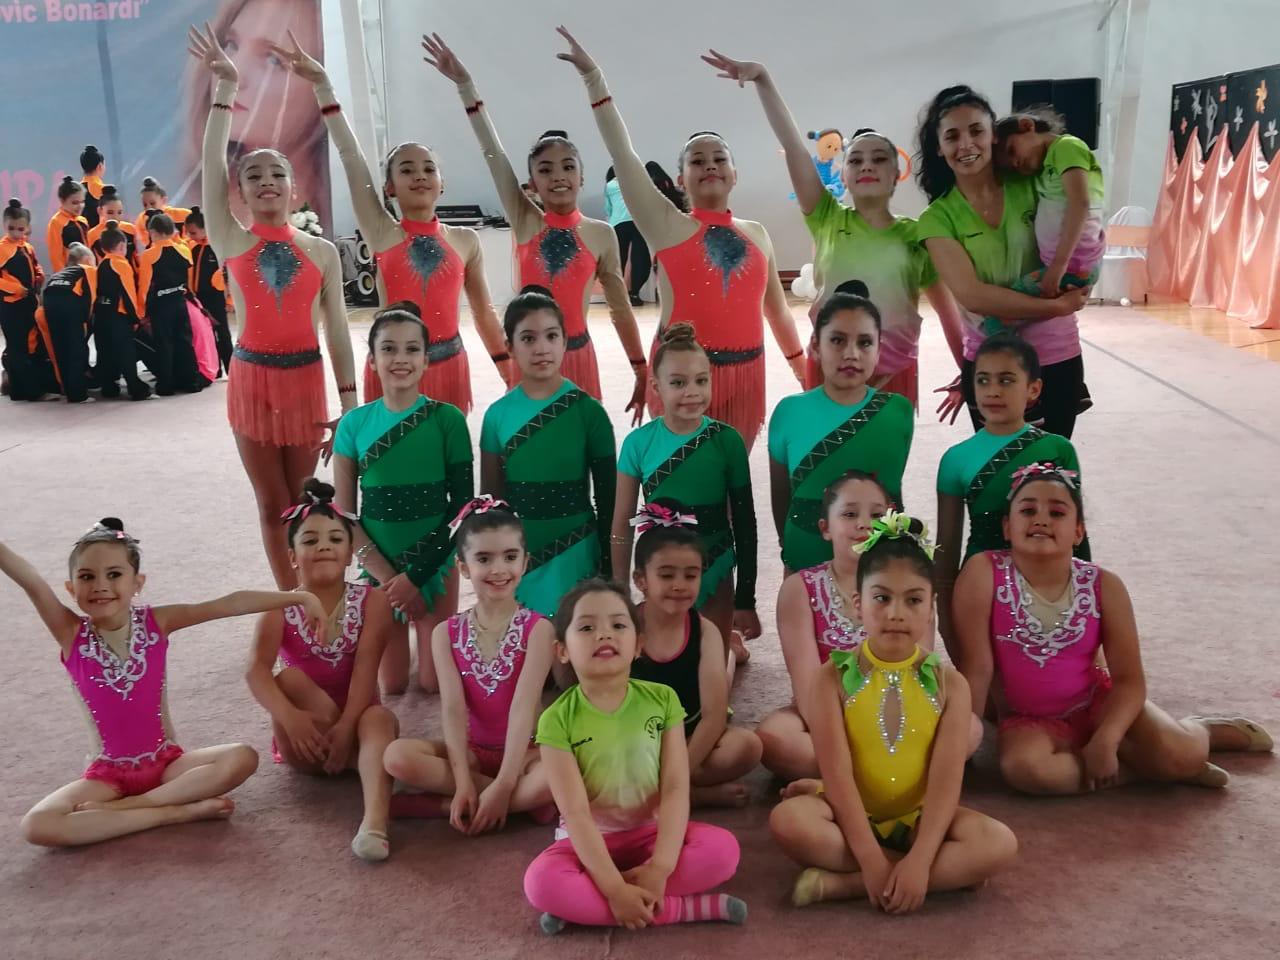 La Escuela participando en un certamen en Chile.